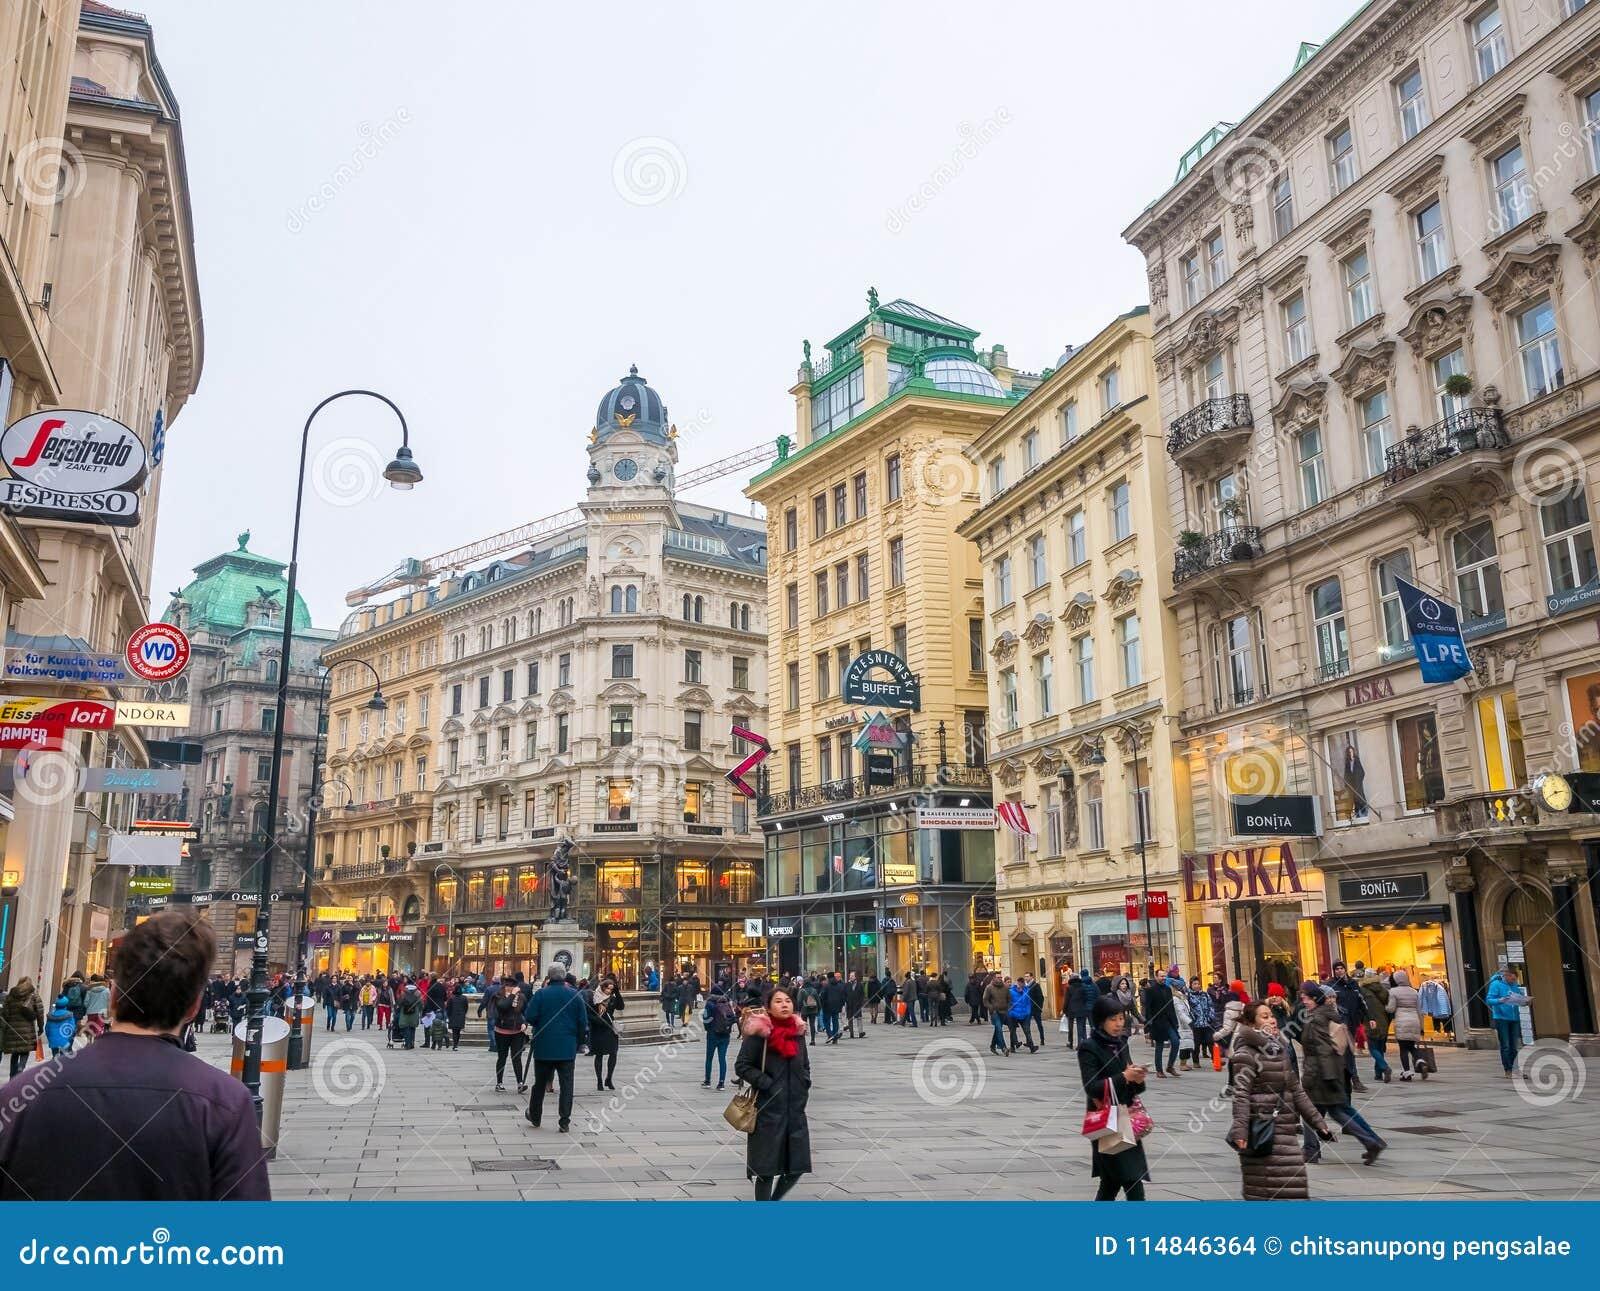 ΒΙΕΝΝΗ, ΑΥΣΤΡΙΑ 17 ΦΕΒΡΟΥΑΡΊΟΥ 2018: Απόψεις εικονικής παράστασης πόλης μια από την ομορφότερα πόλη και το άγαλμα Βιέννη της Ευρώ